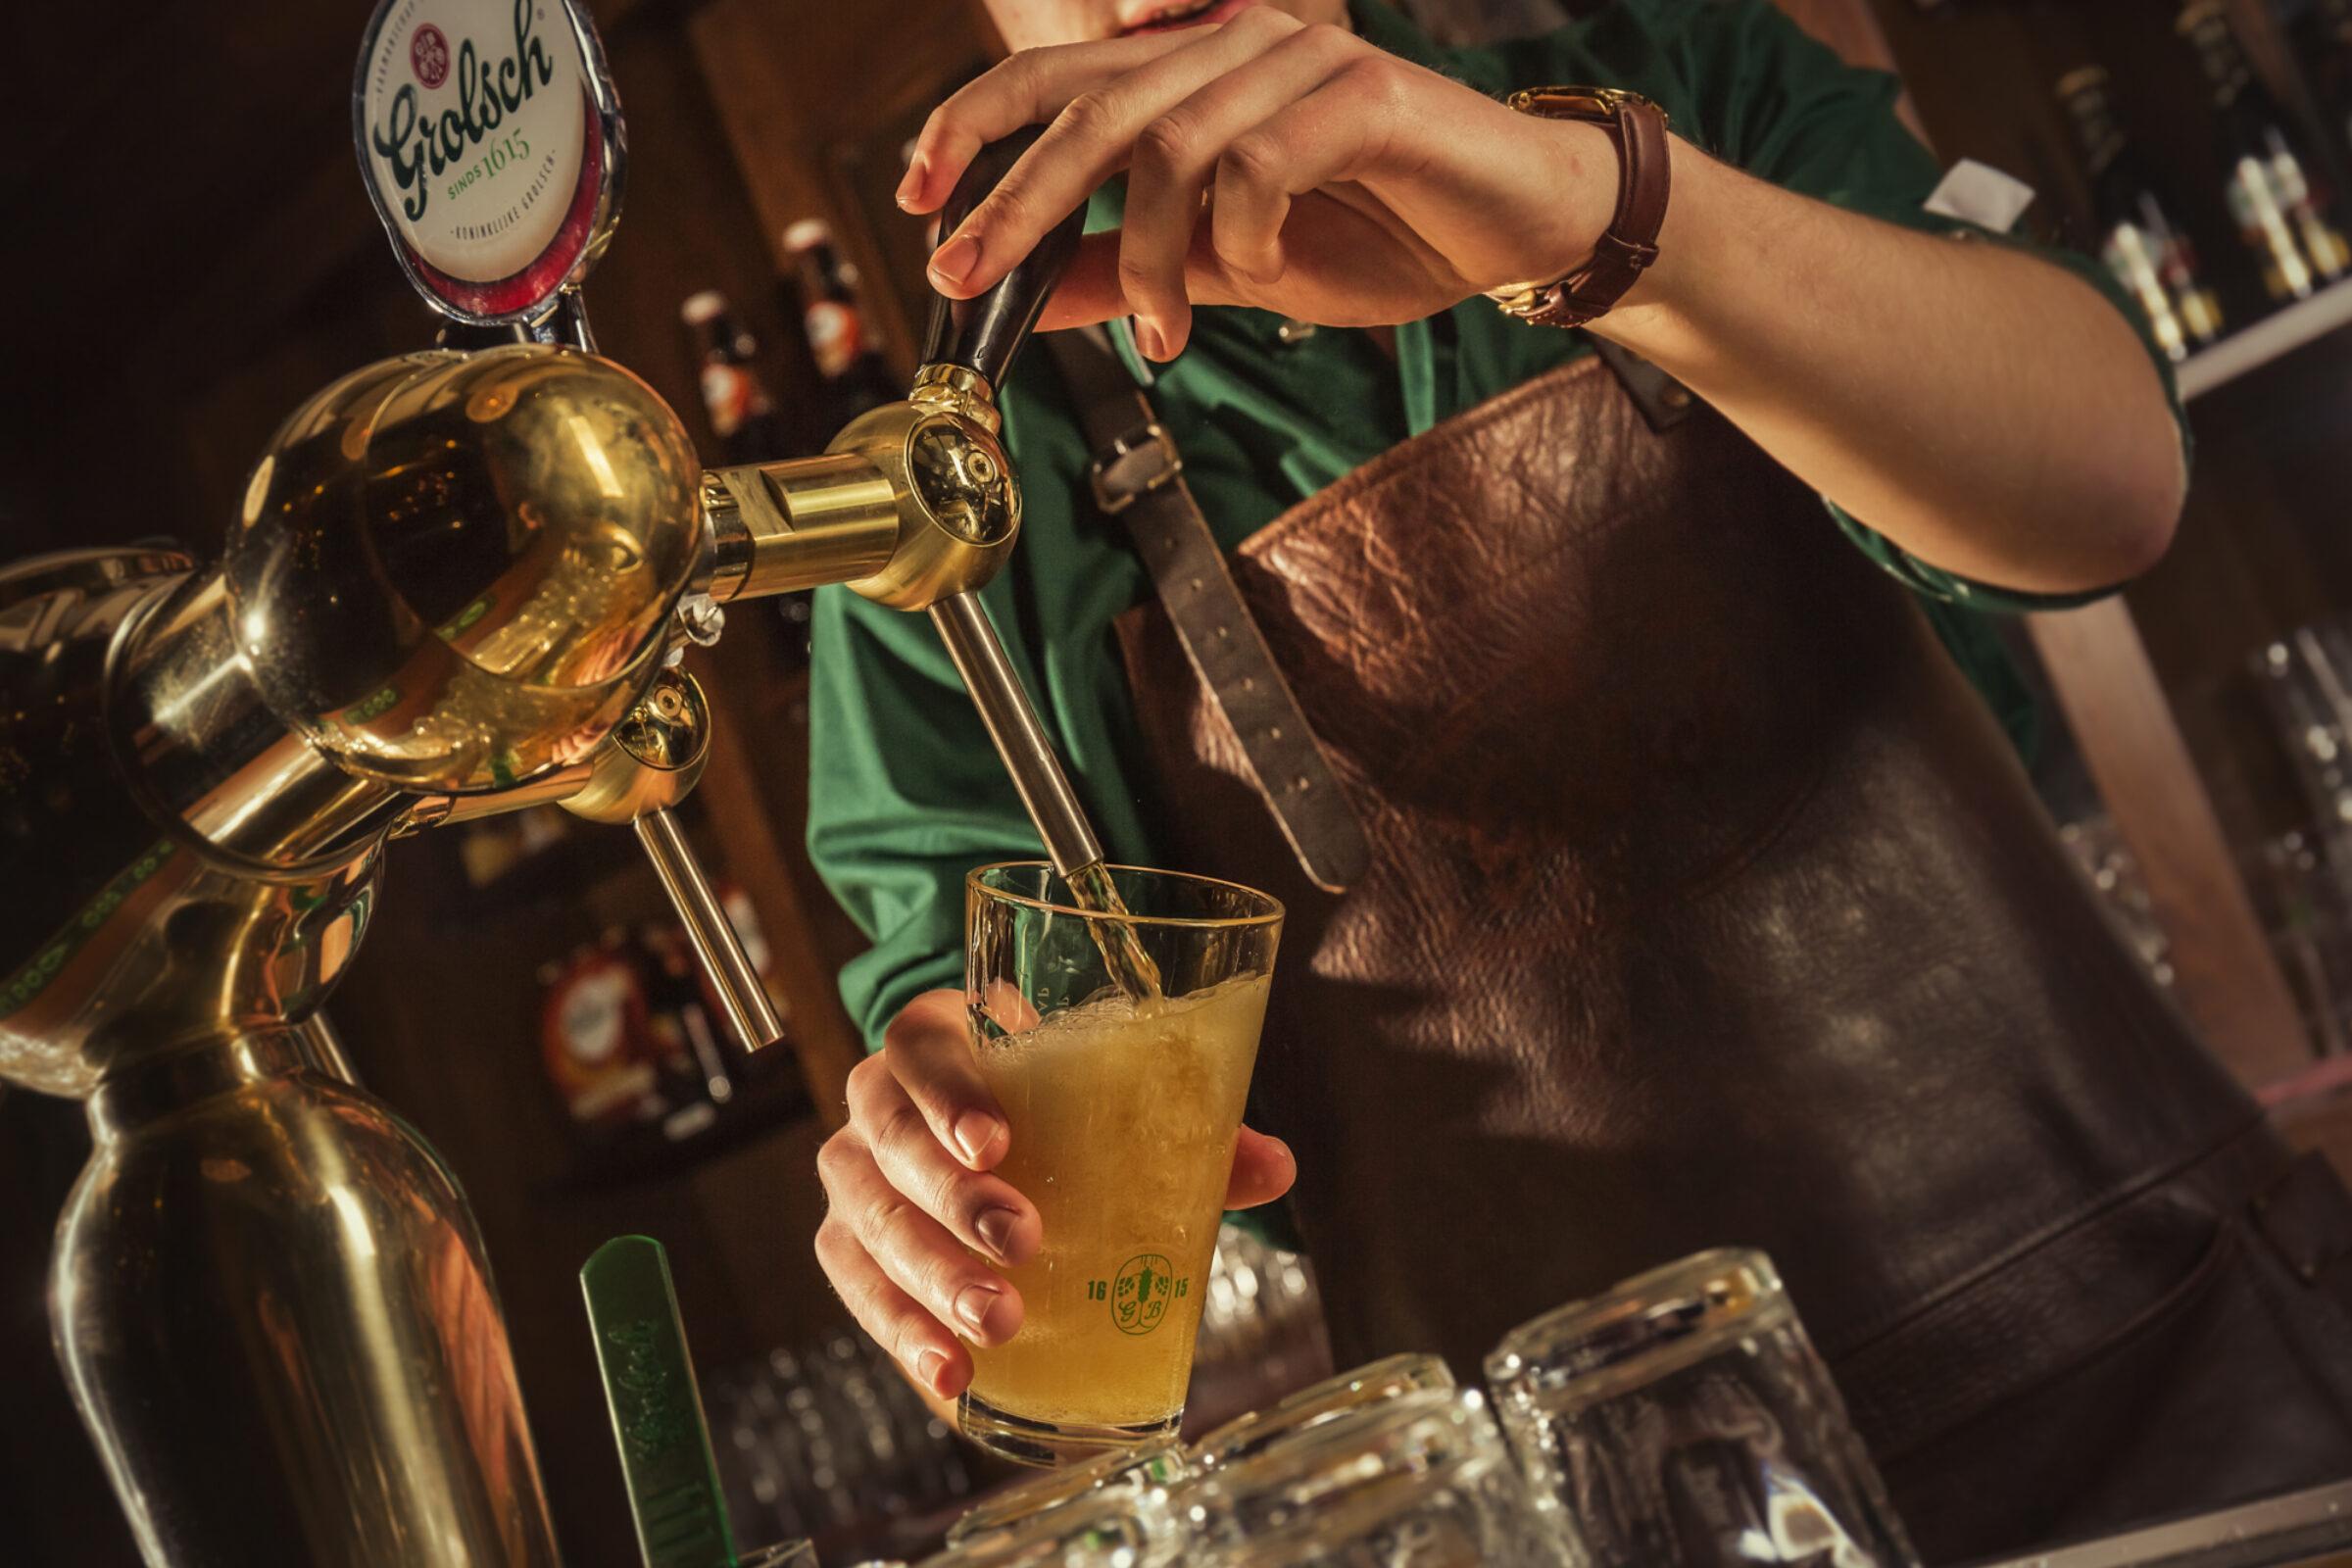 Grolsch Brouwerijtour in Enschede